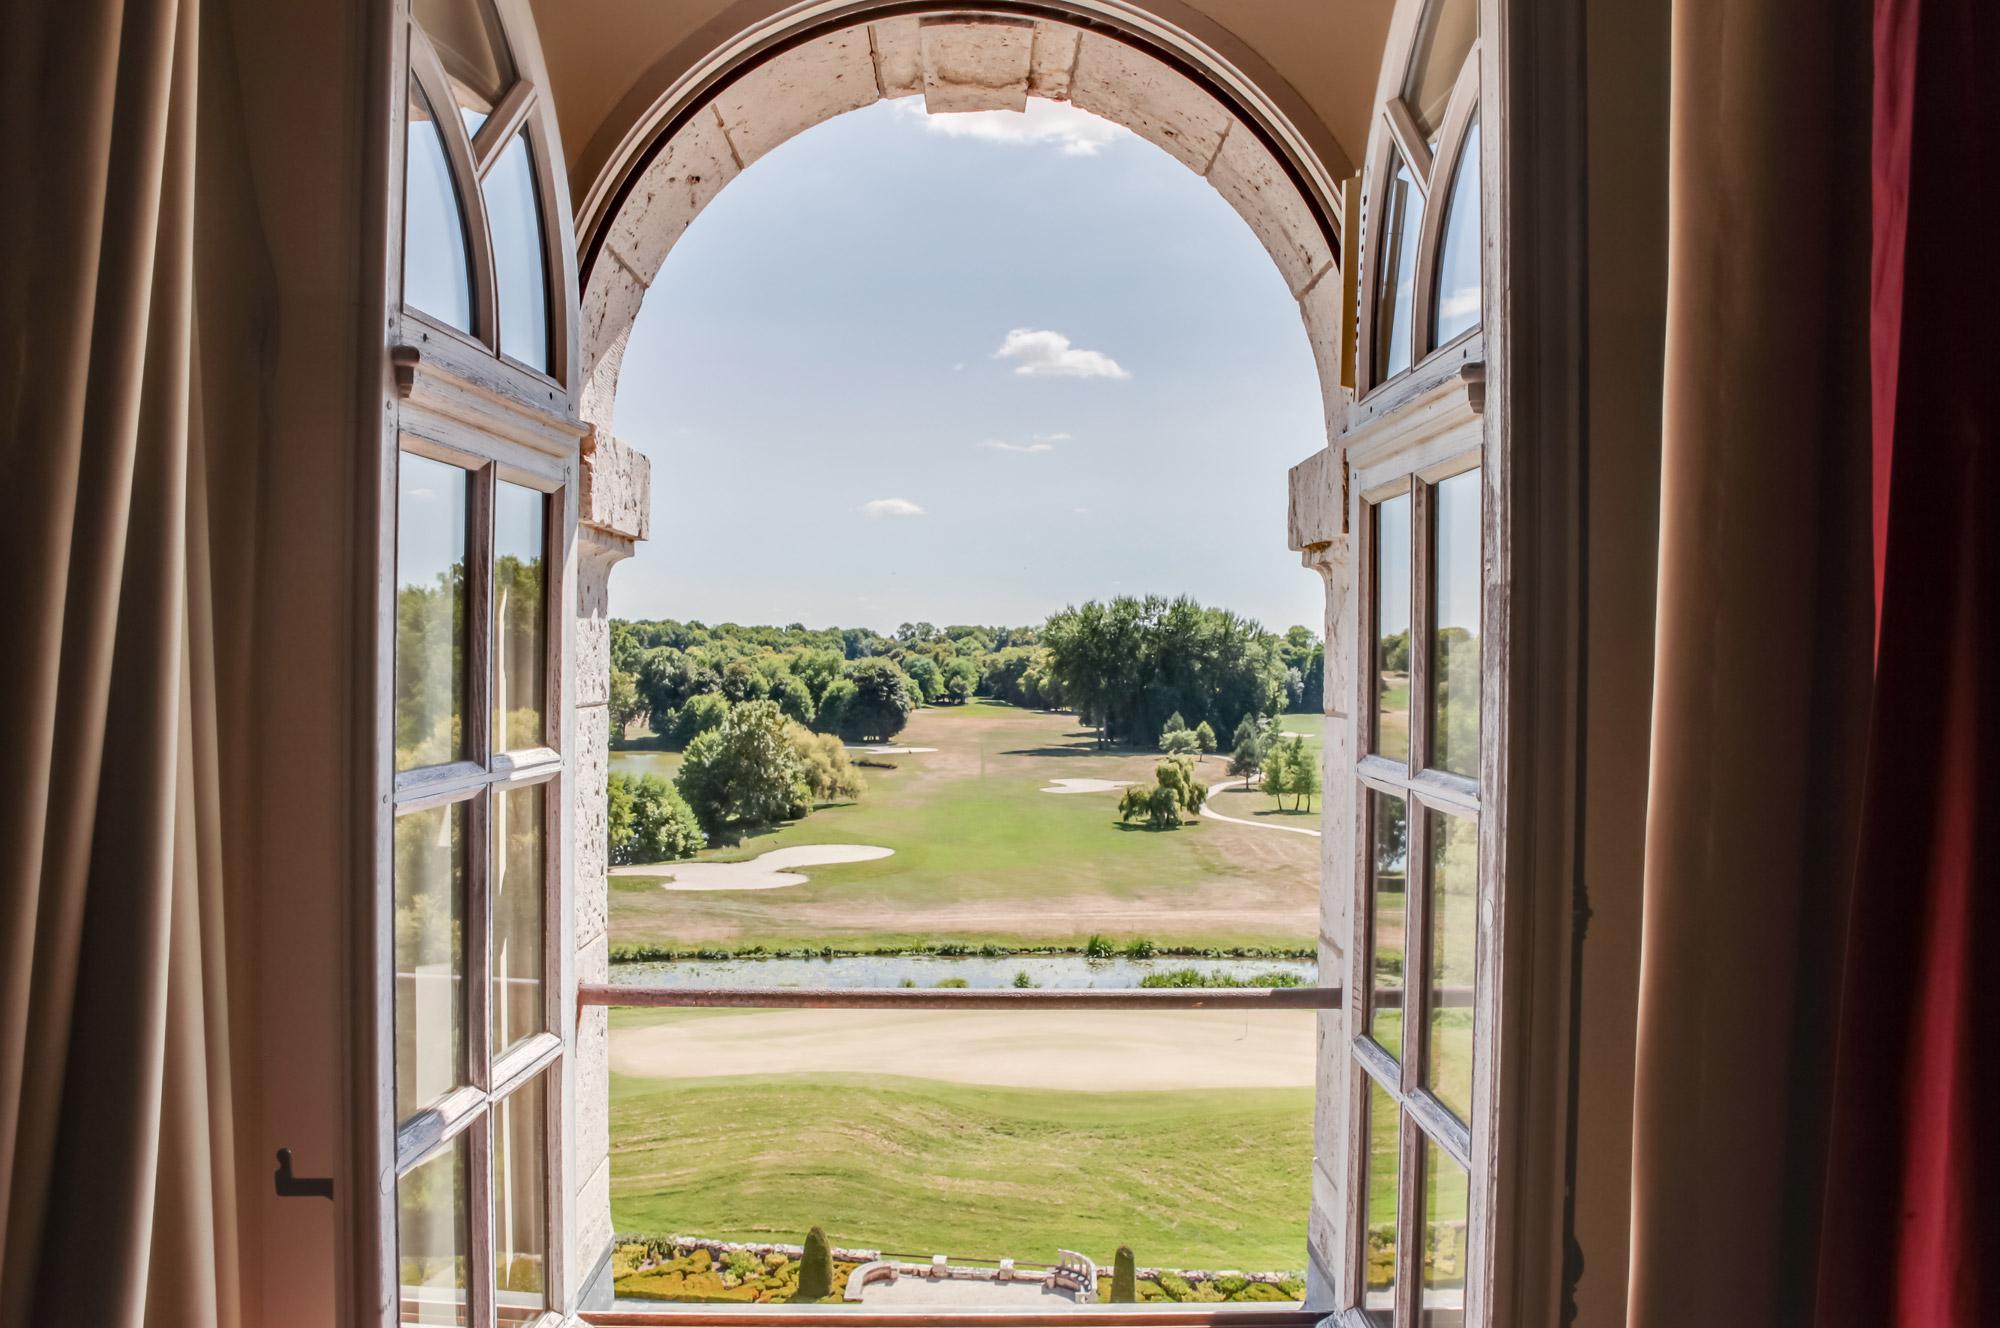 Fenêtre ouverte surplombant le parcours de golf de l'hôtel Château Golf & Spa d'Augerville idéal pour un séjour golf